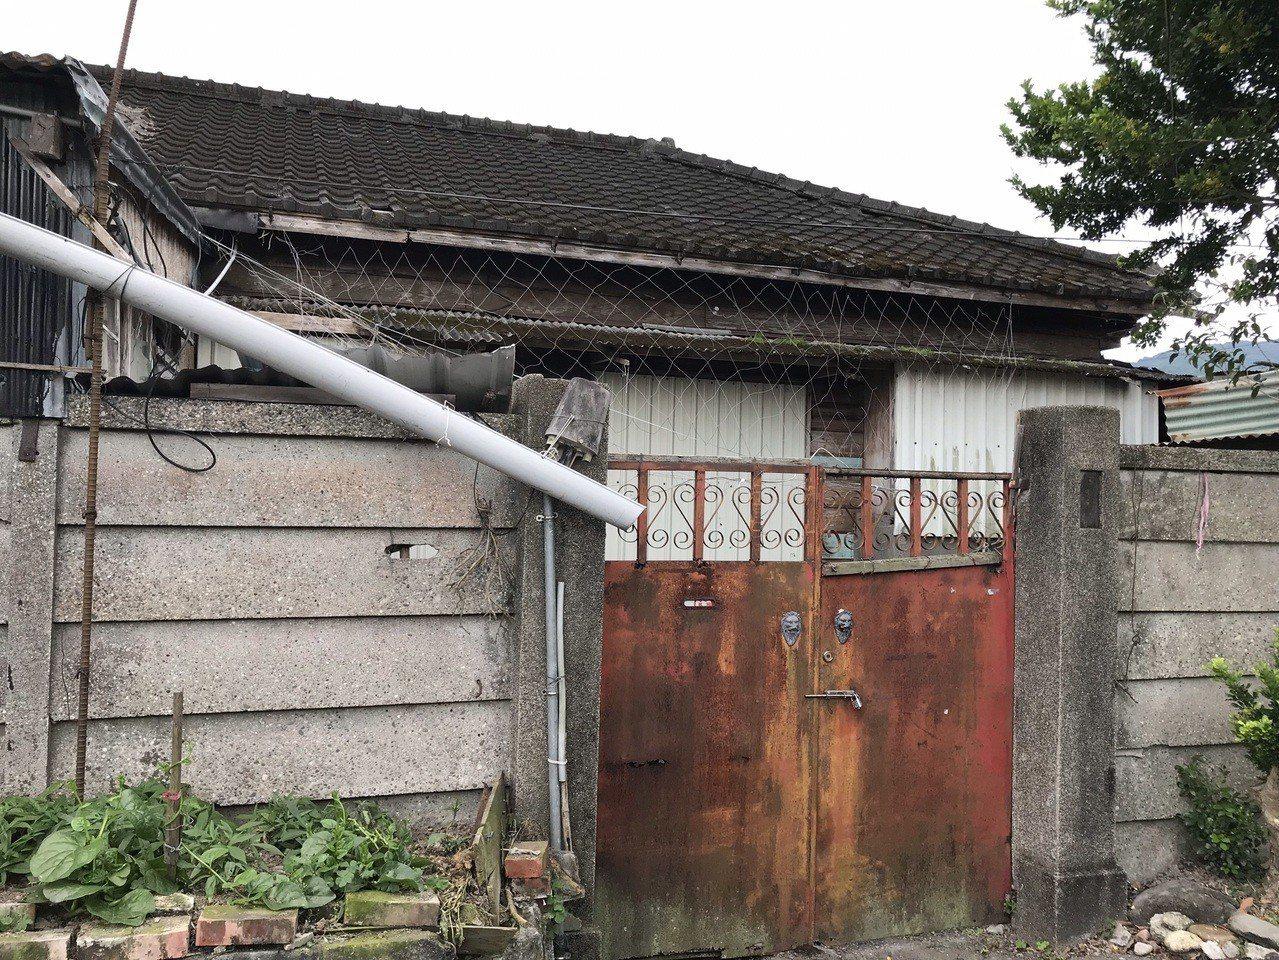 花蓮玉里火車站南側的日式鐵道宿舍聚落群,部分房舍仍保有日式屋瓦和原味。記者王燕華...